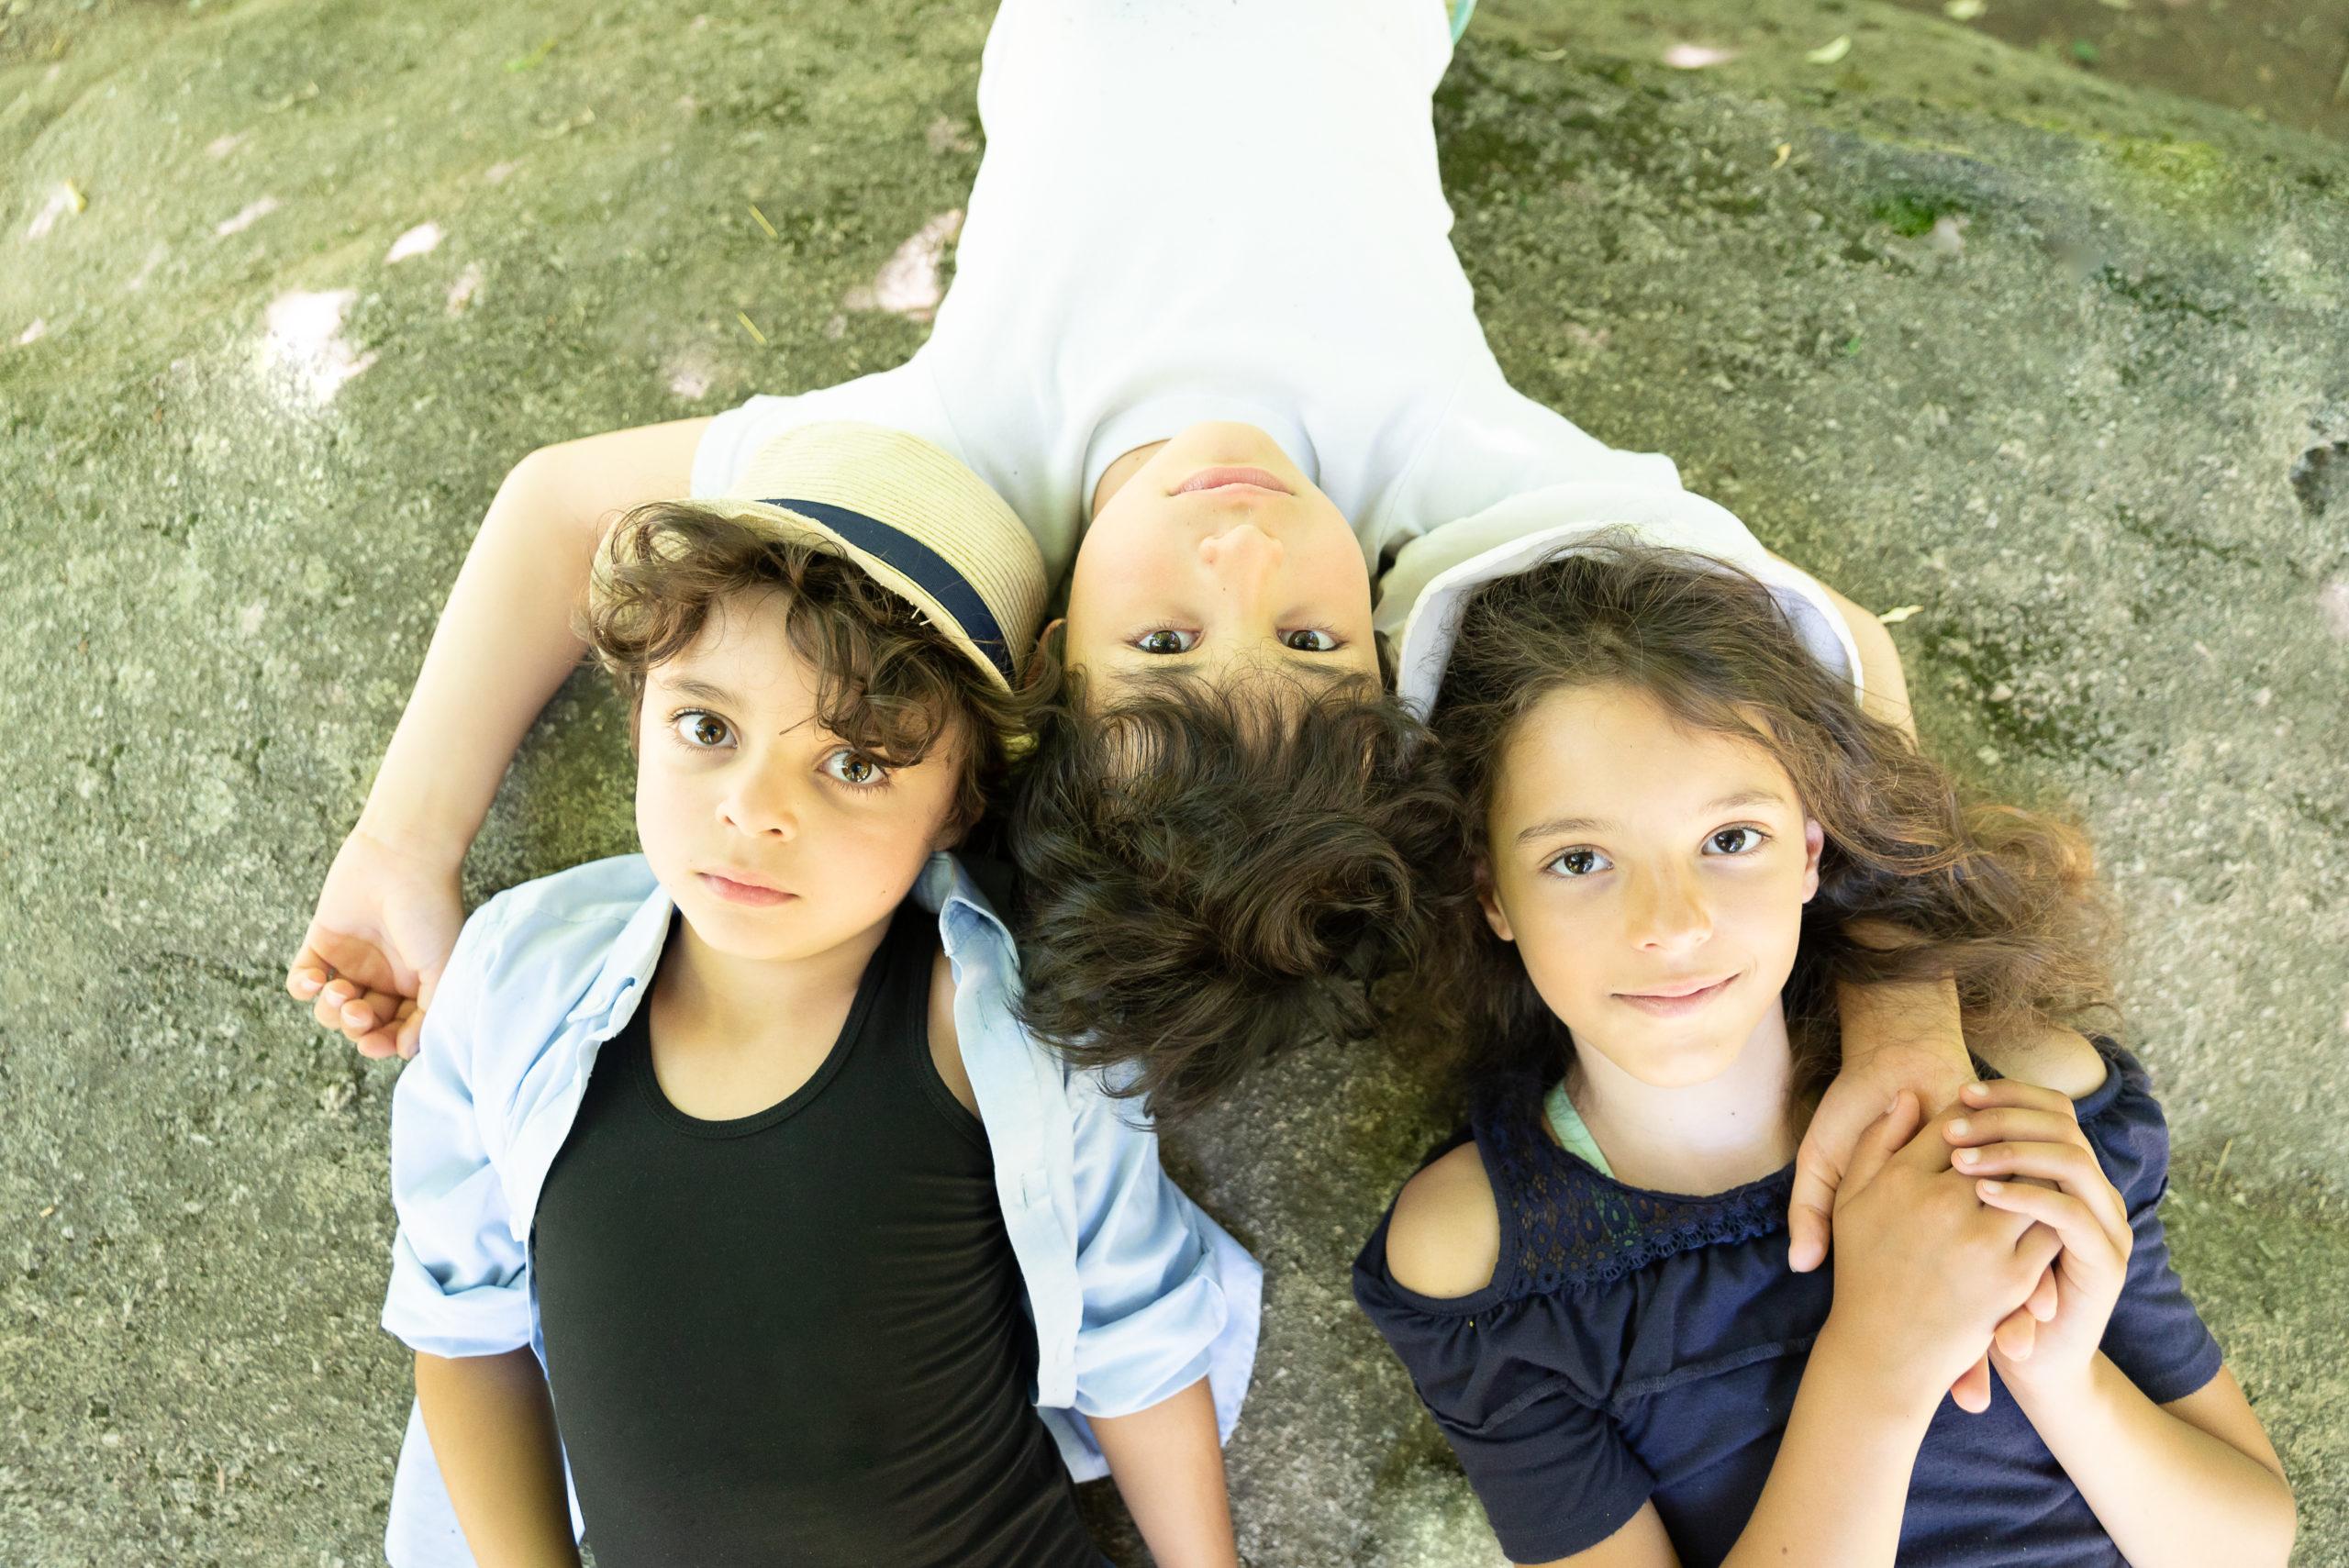 séance photo famille à Piquet en Vendée par Sophie Rouzineau photographe de famille